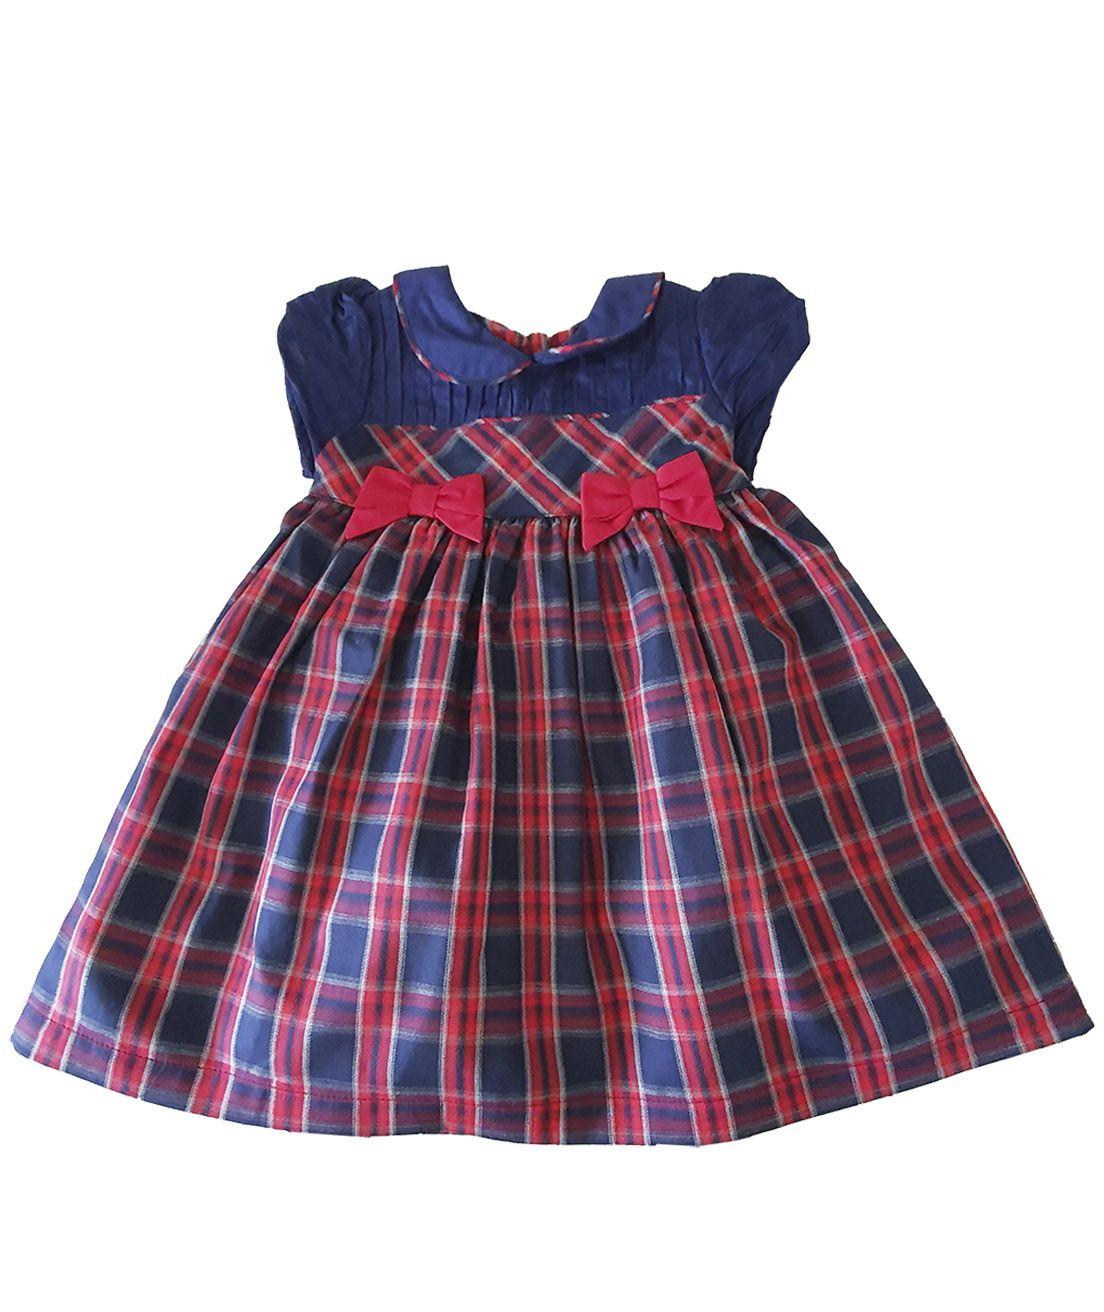 Vestido Festa Bebê em Tricoline  Póssum Xadrez  marinho e vermelho